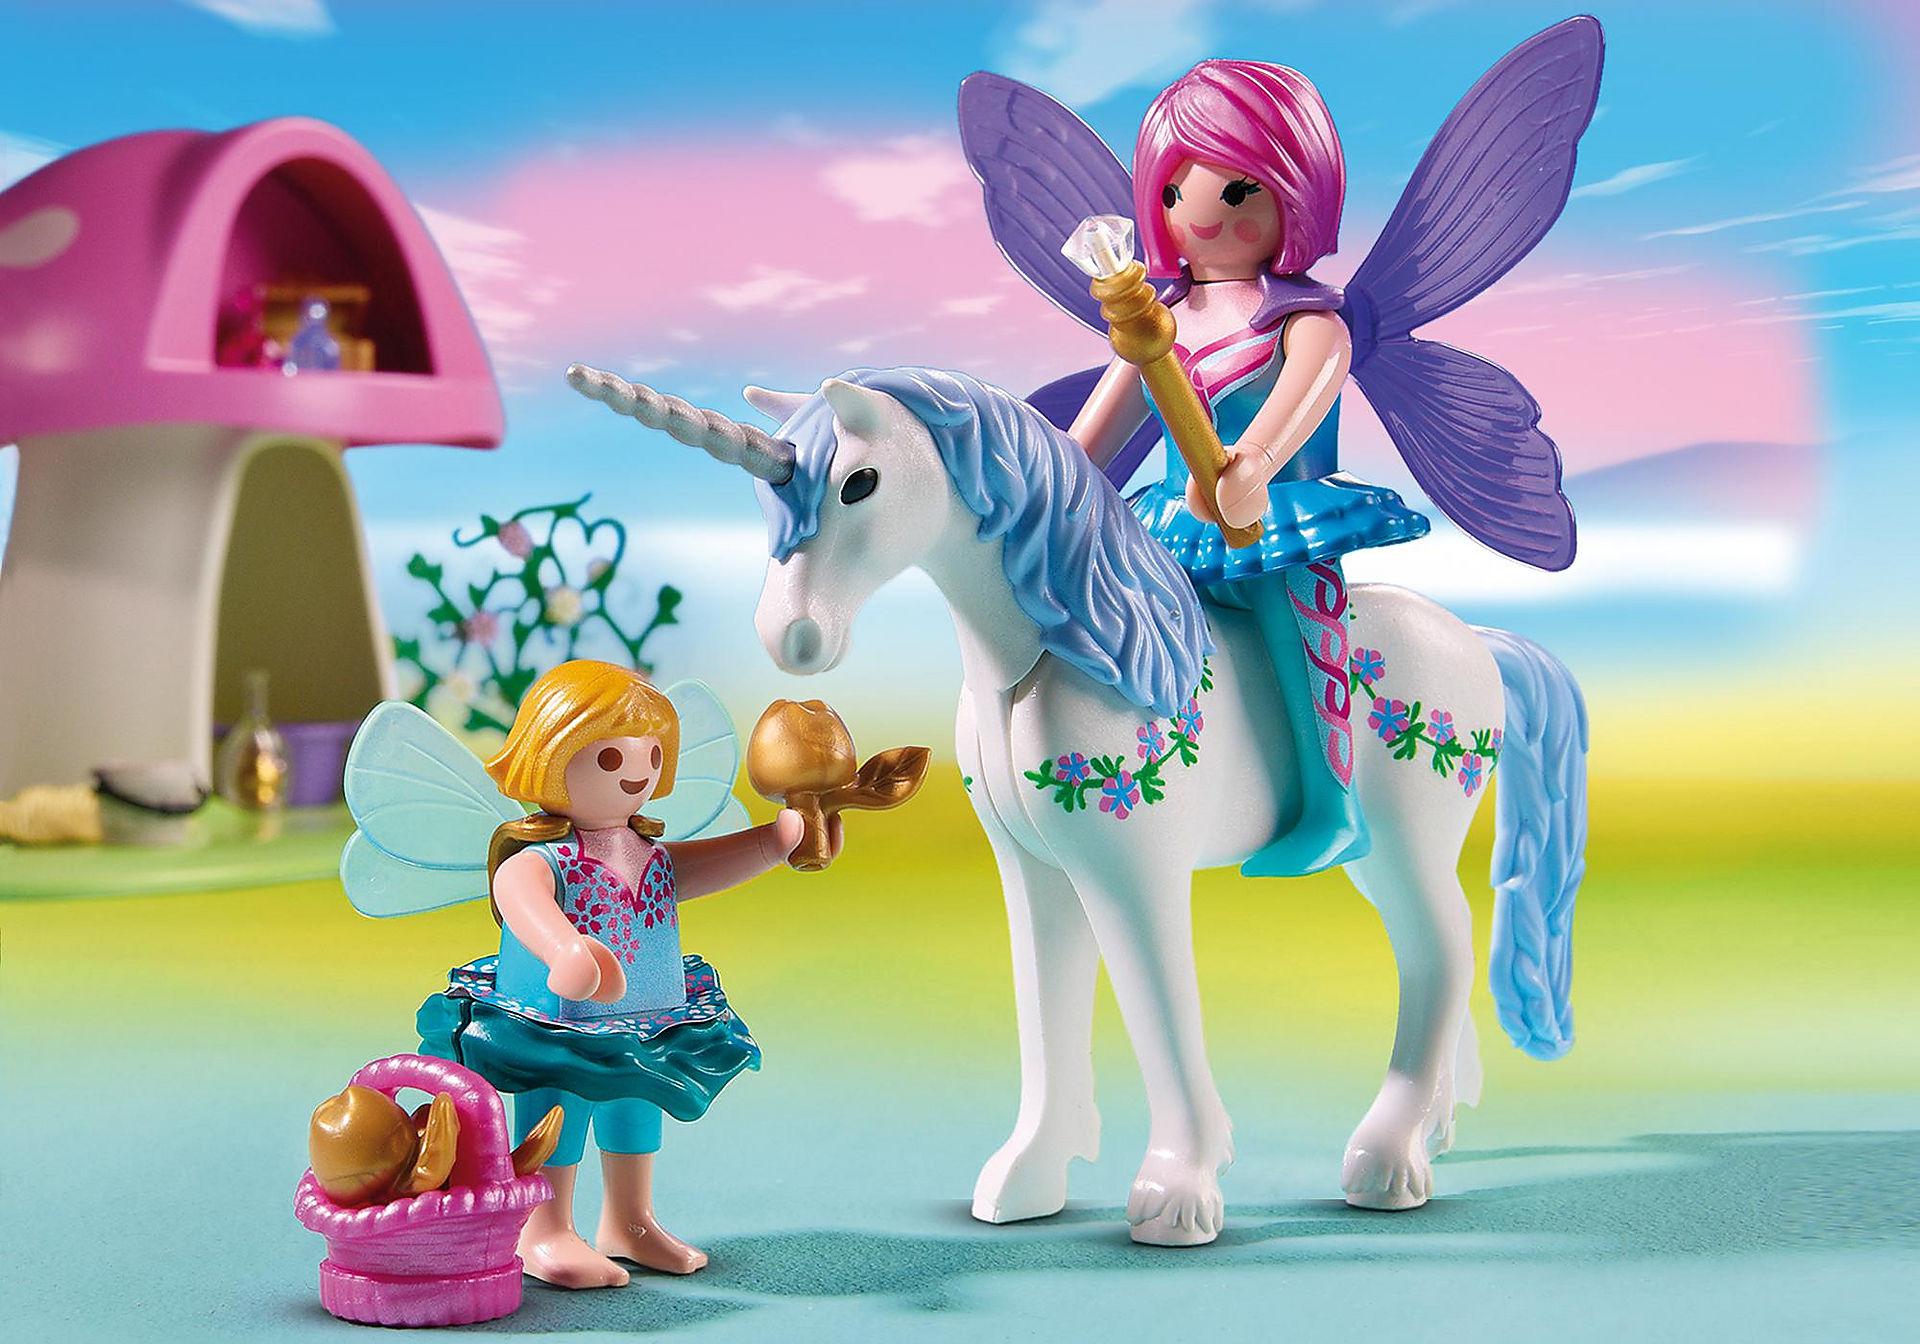 http://media.playmobil.com/i/playmobil/6055_product_extra1/Centre de soins pour licornes